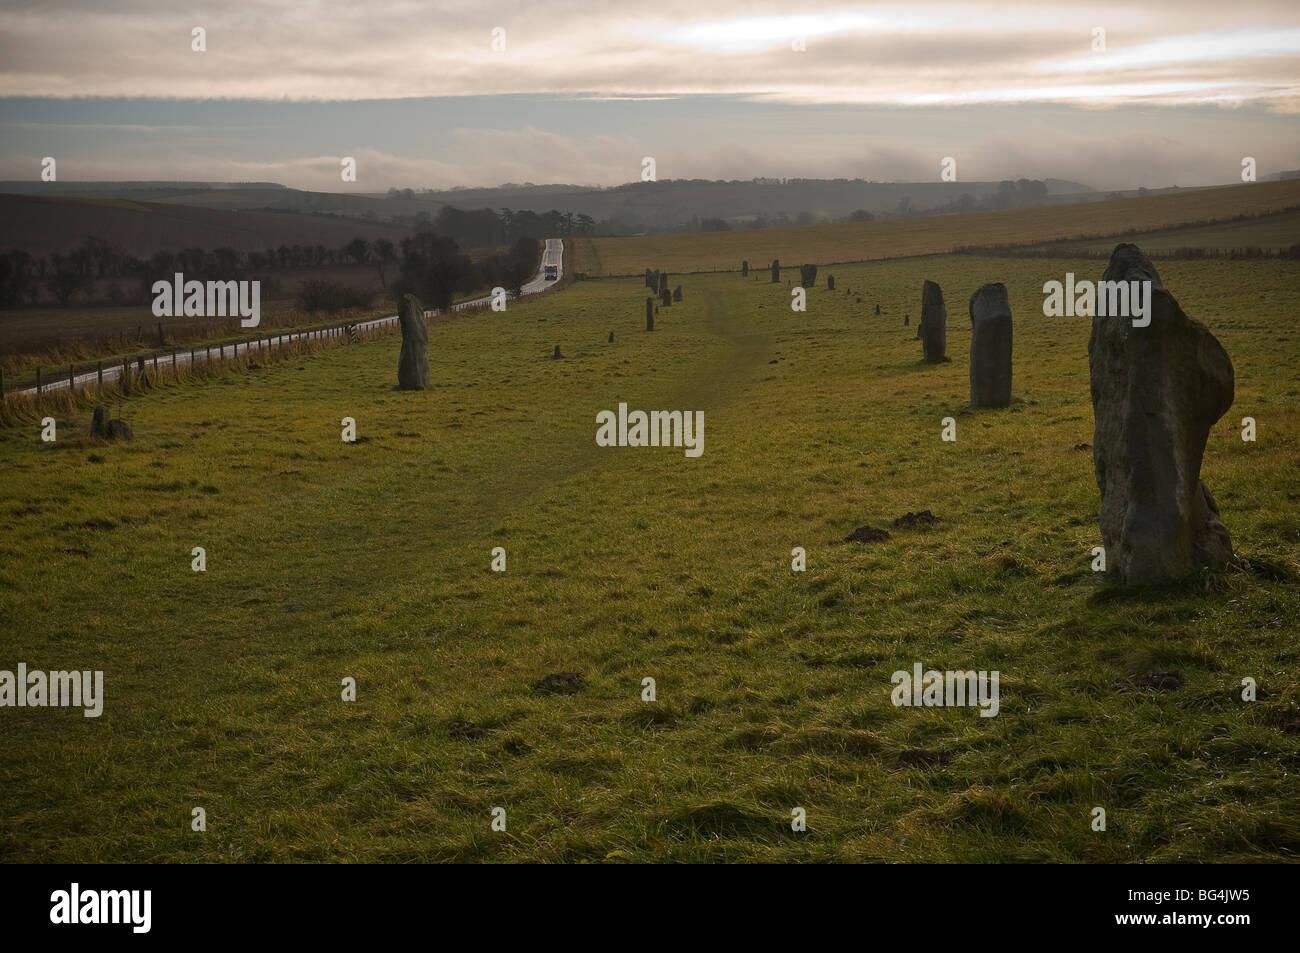 La avenida de piedras Sarsen principales del círculo de piedra de Avebury Neolítico en Wiltshire, REINO UNIDO Foto de stock